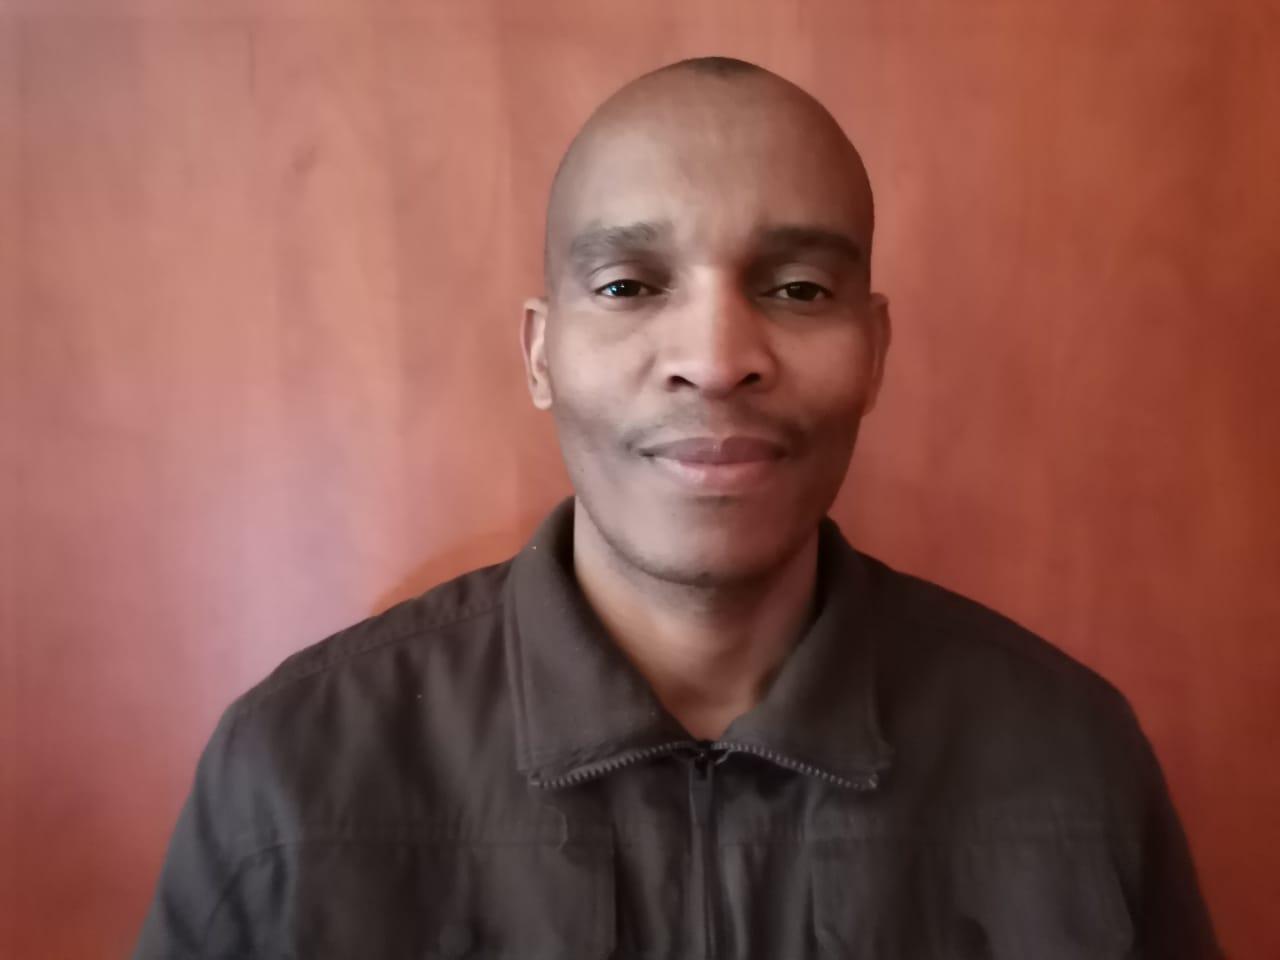 Mr. Mike Nkosi